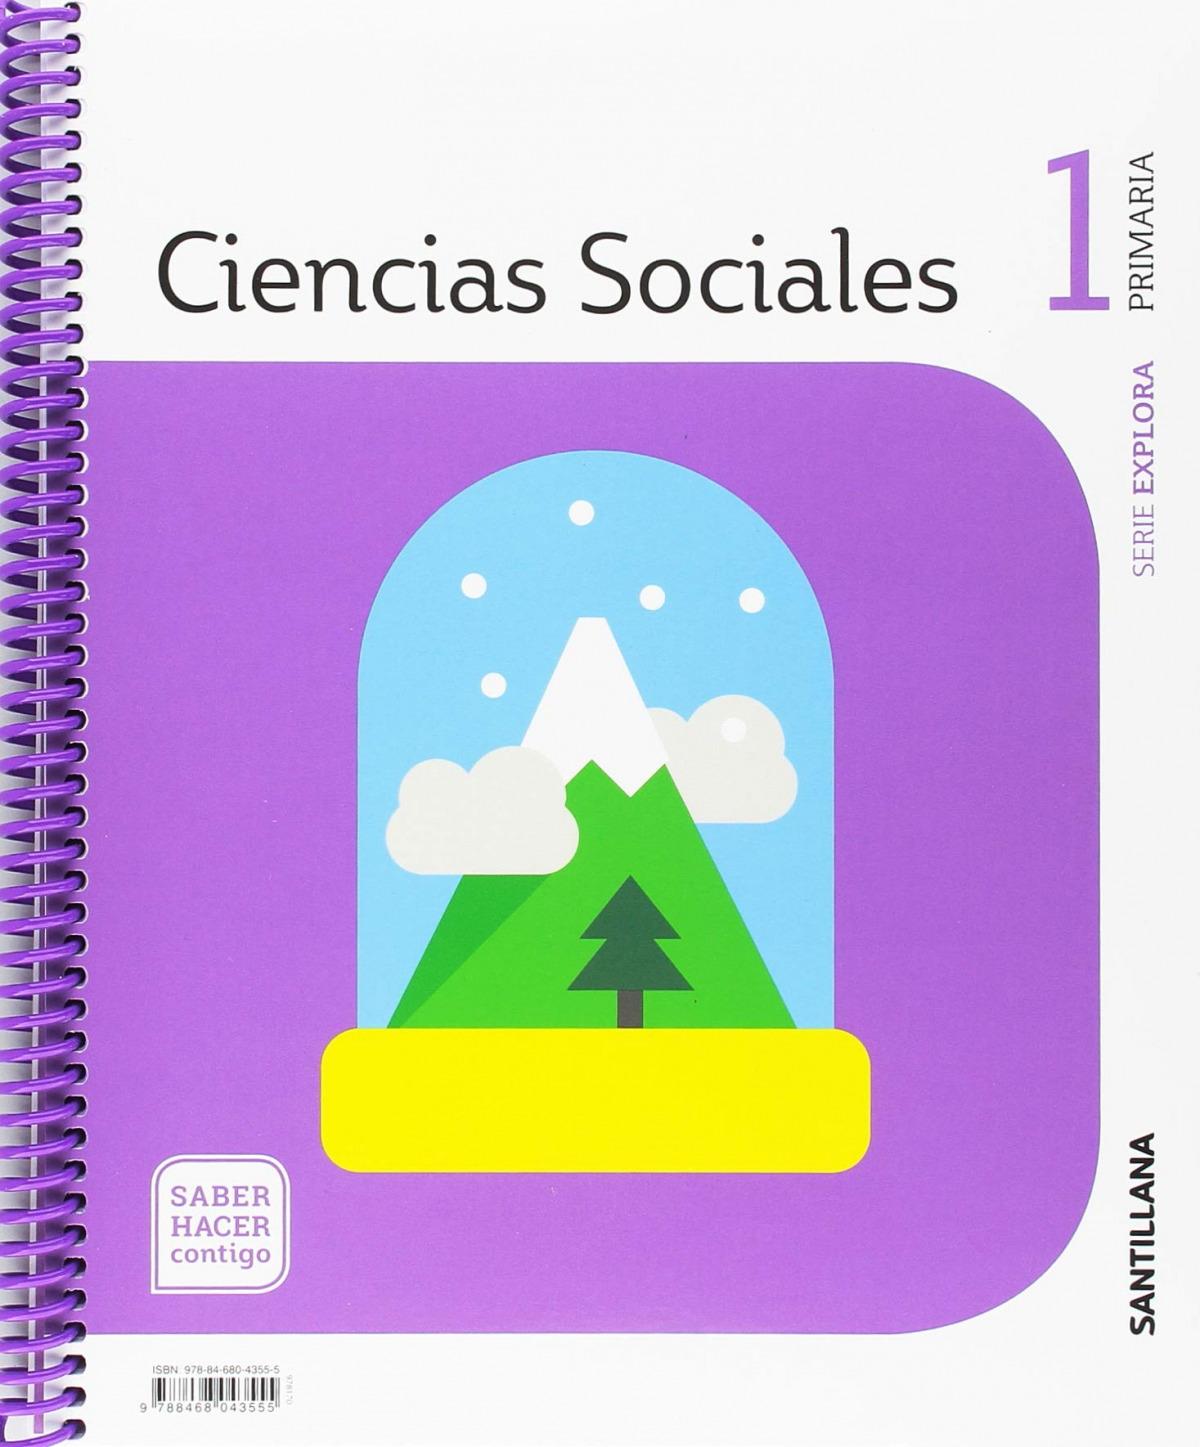 CIENCIAS SOCIALES 1o.PRIMARIA EXPLORA SABER HACER CONTIGO 9788468043555